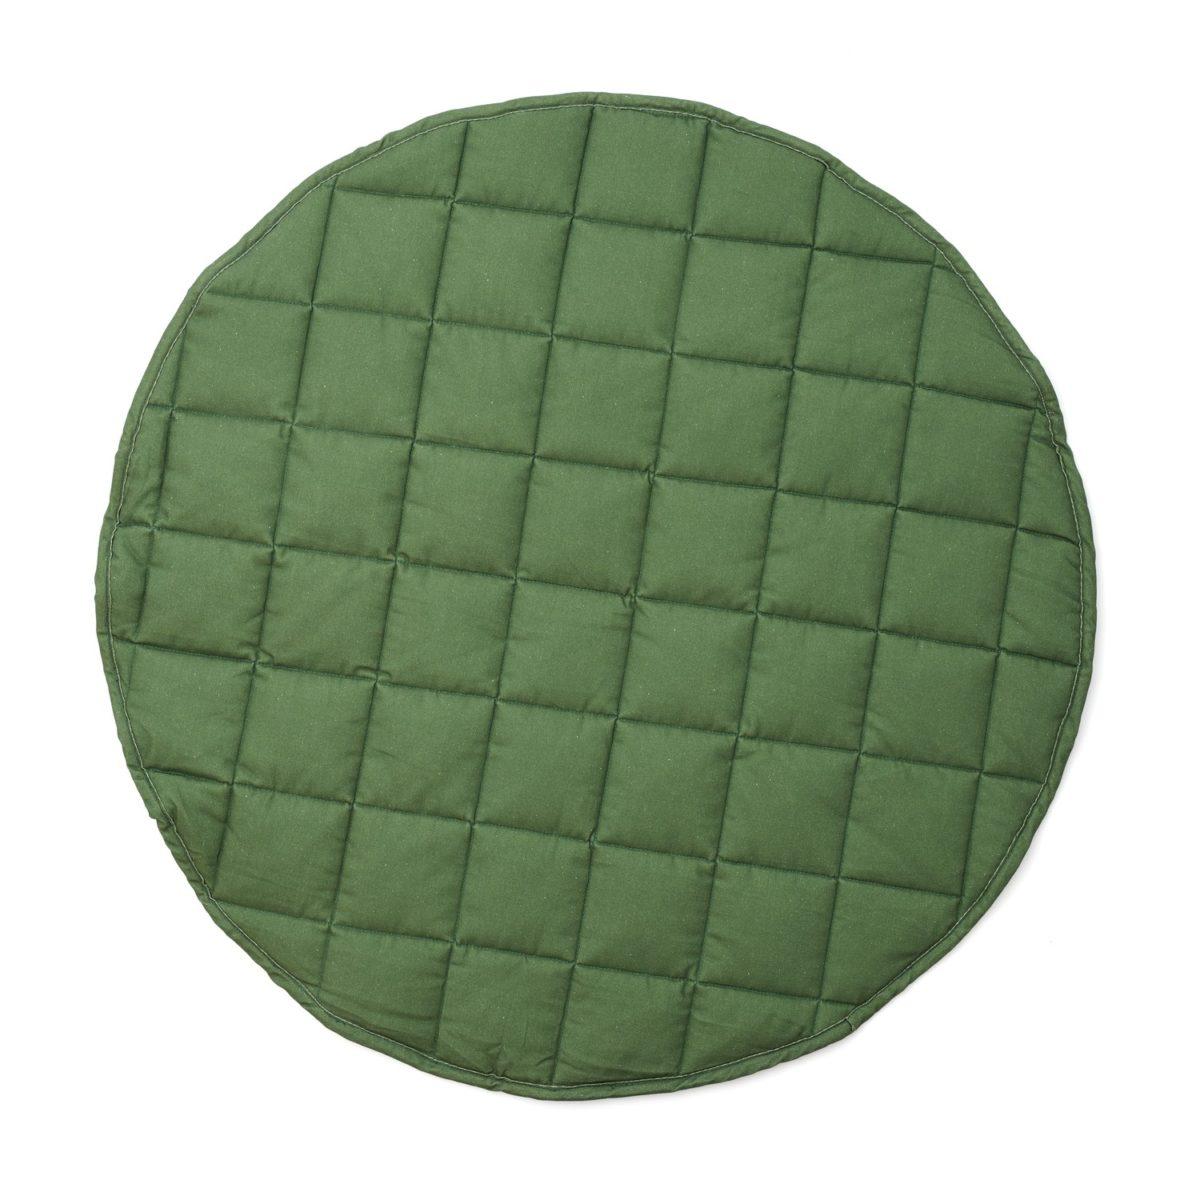 Spielteppich rund Ø 80 cm grün